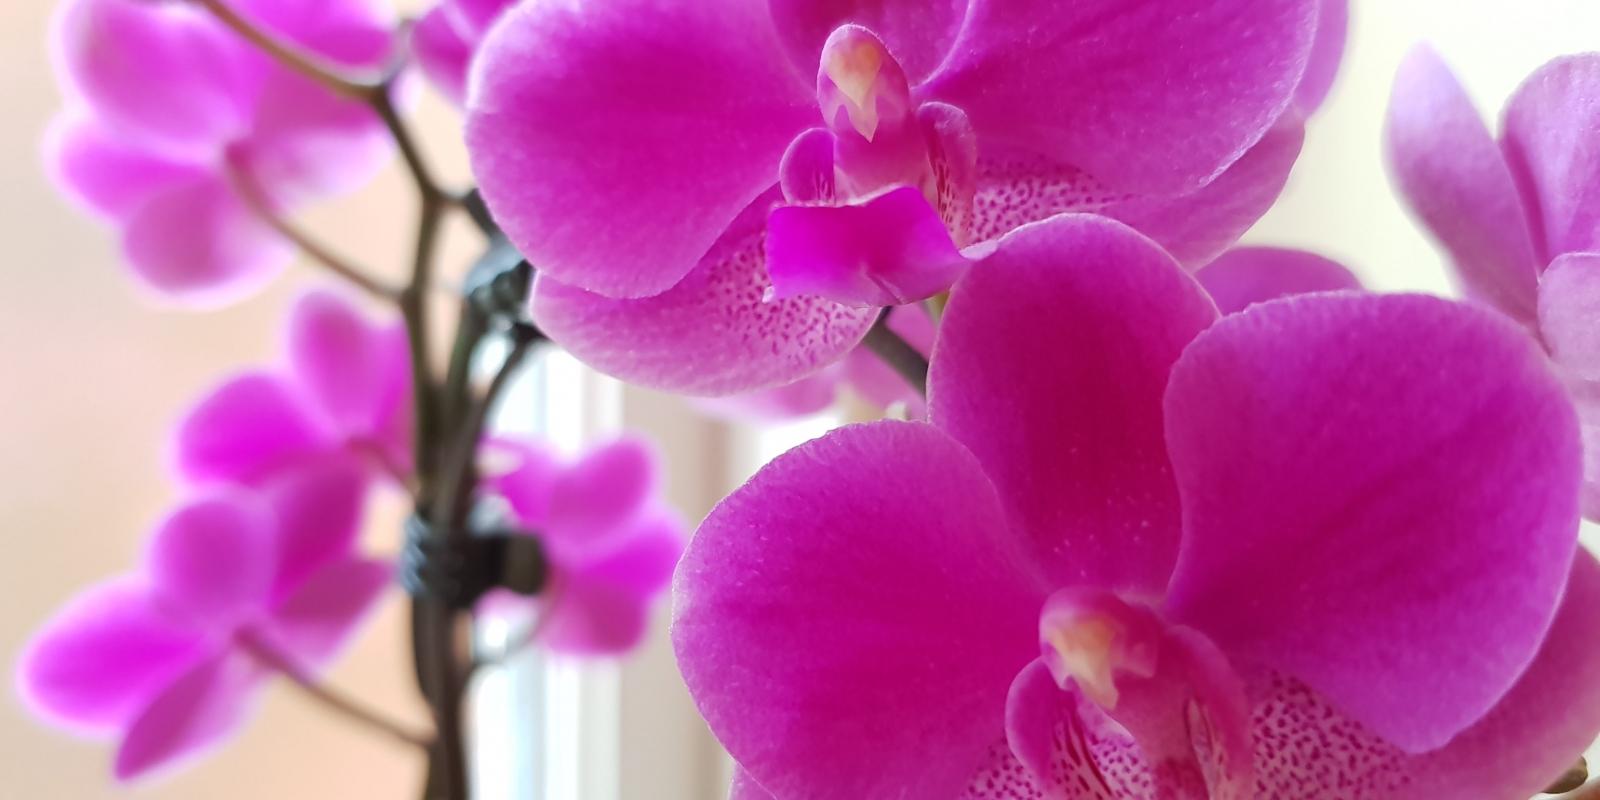 Flowering purple orchid